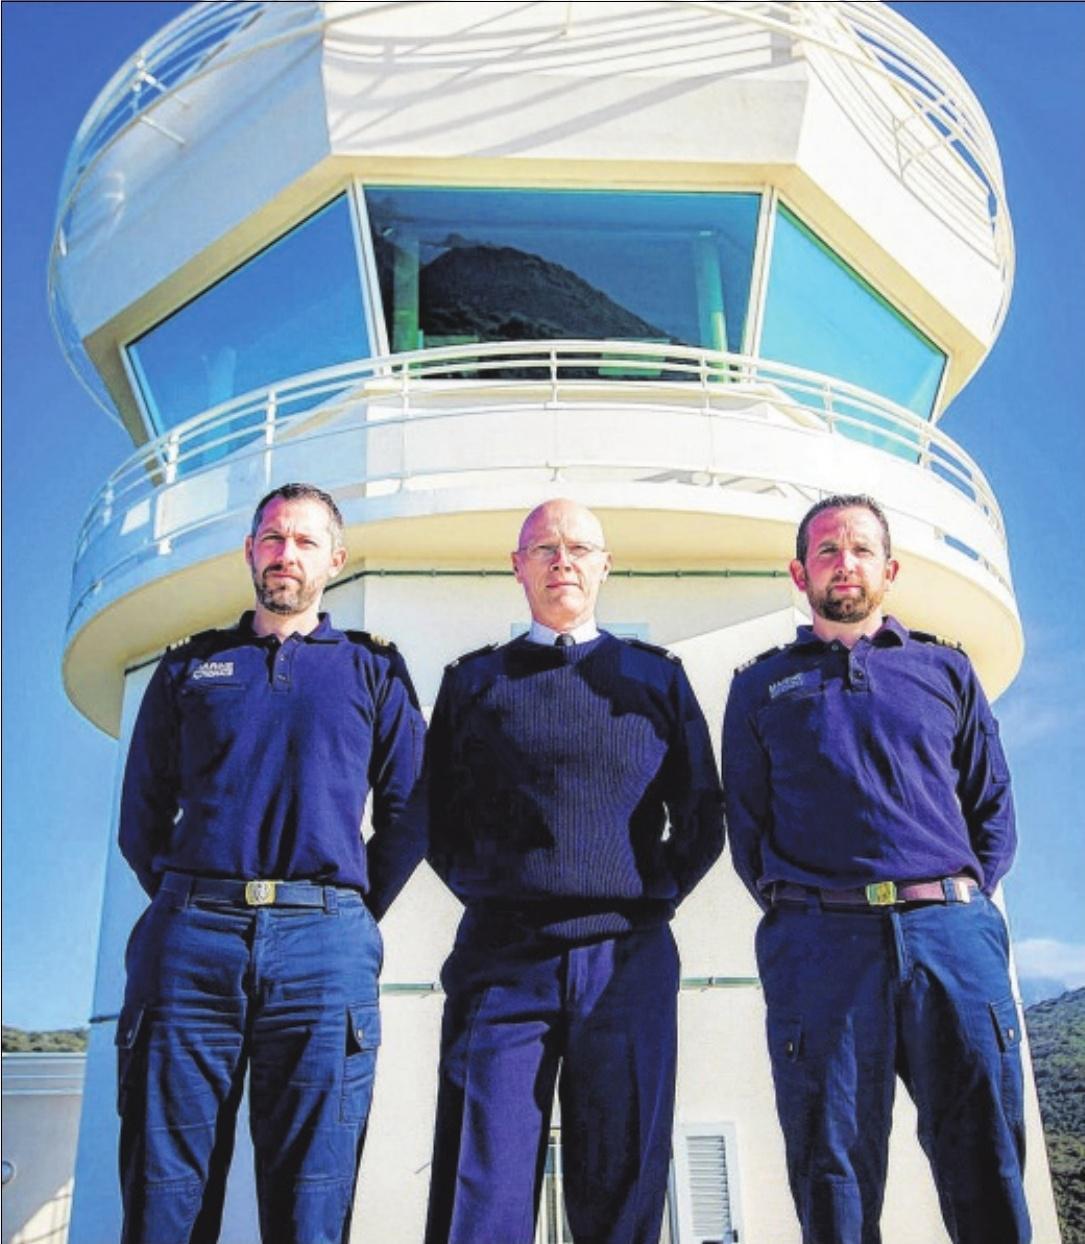 Le chef de poste, Maitre-principal, Tony, entouré de ses adjoints, Maître Cyrille à gauche et Maître Jean-Michel à droite. Radar de navigation, jumelles et VHS, pour les communications avec les navires, sont les principales armes des guetteurs.  /  PHOTOS FLORENT SELVINI